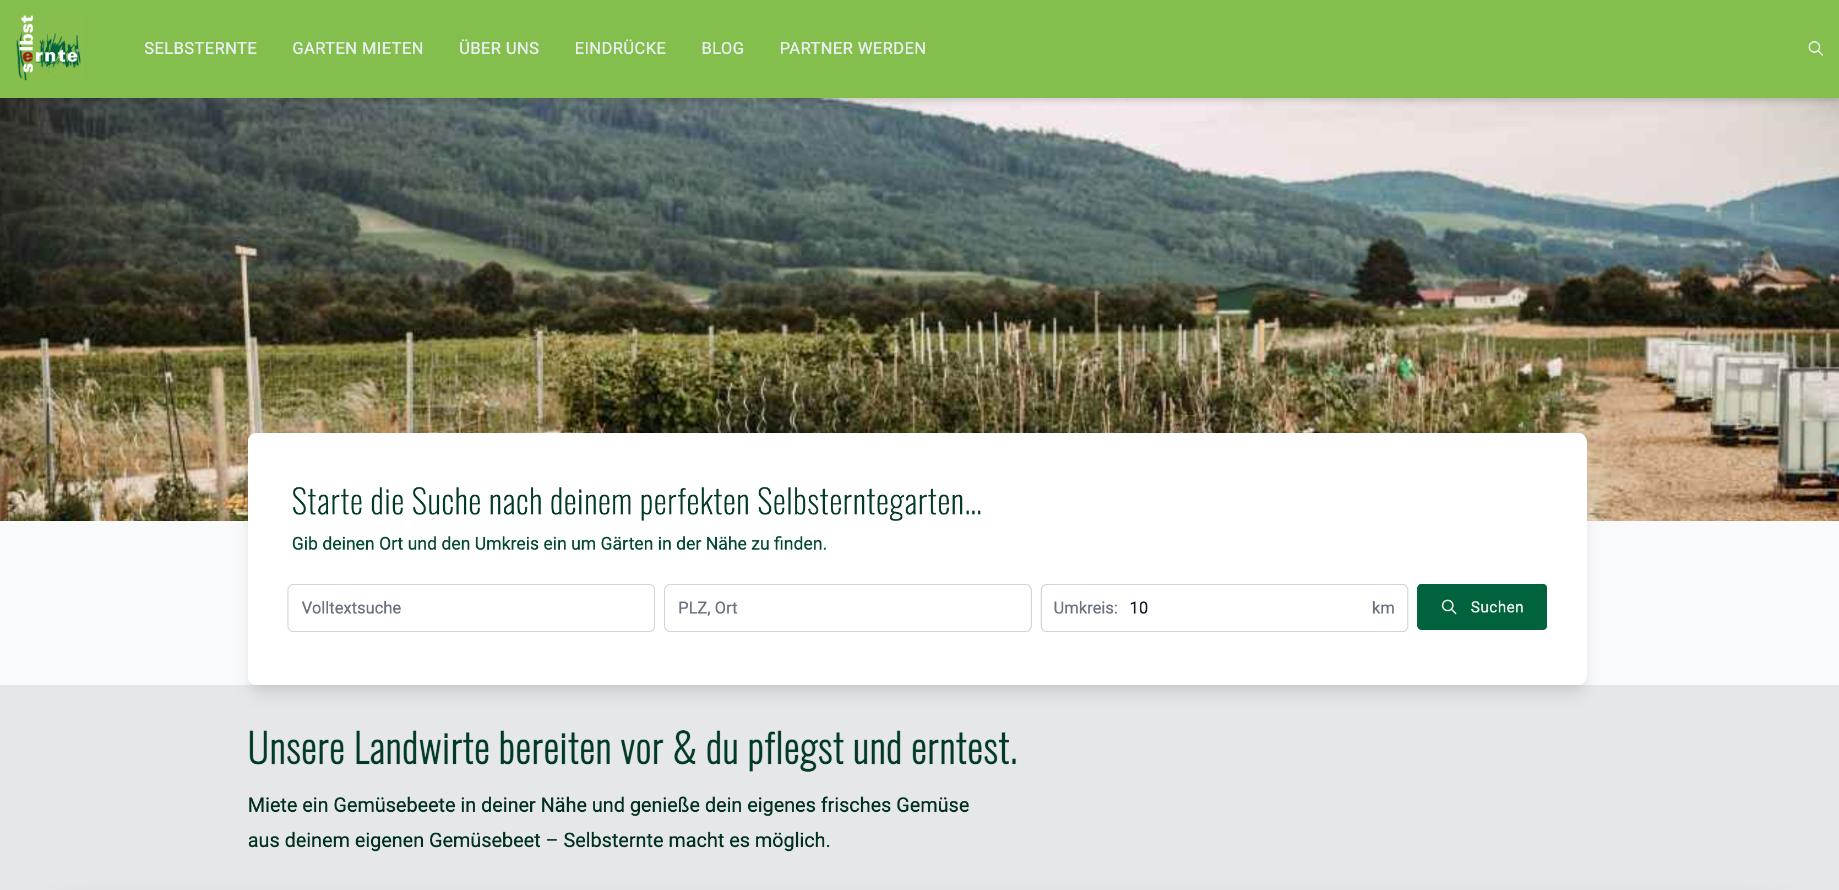 selbsternte_webseite_neu.png